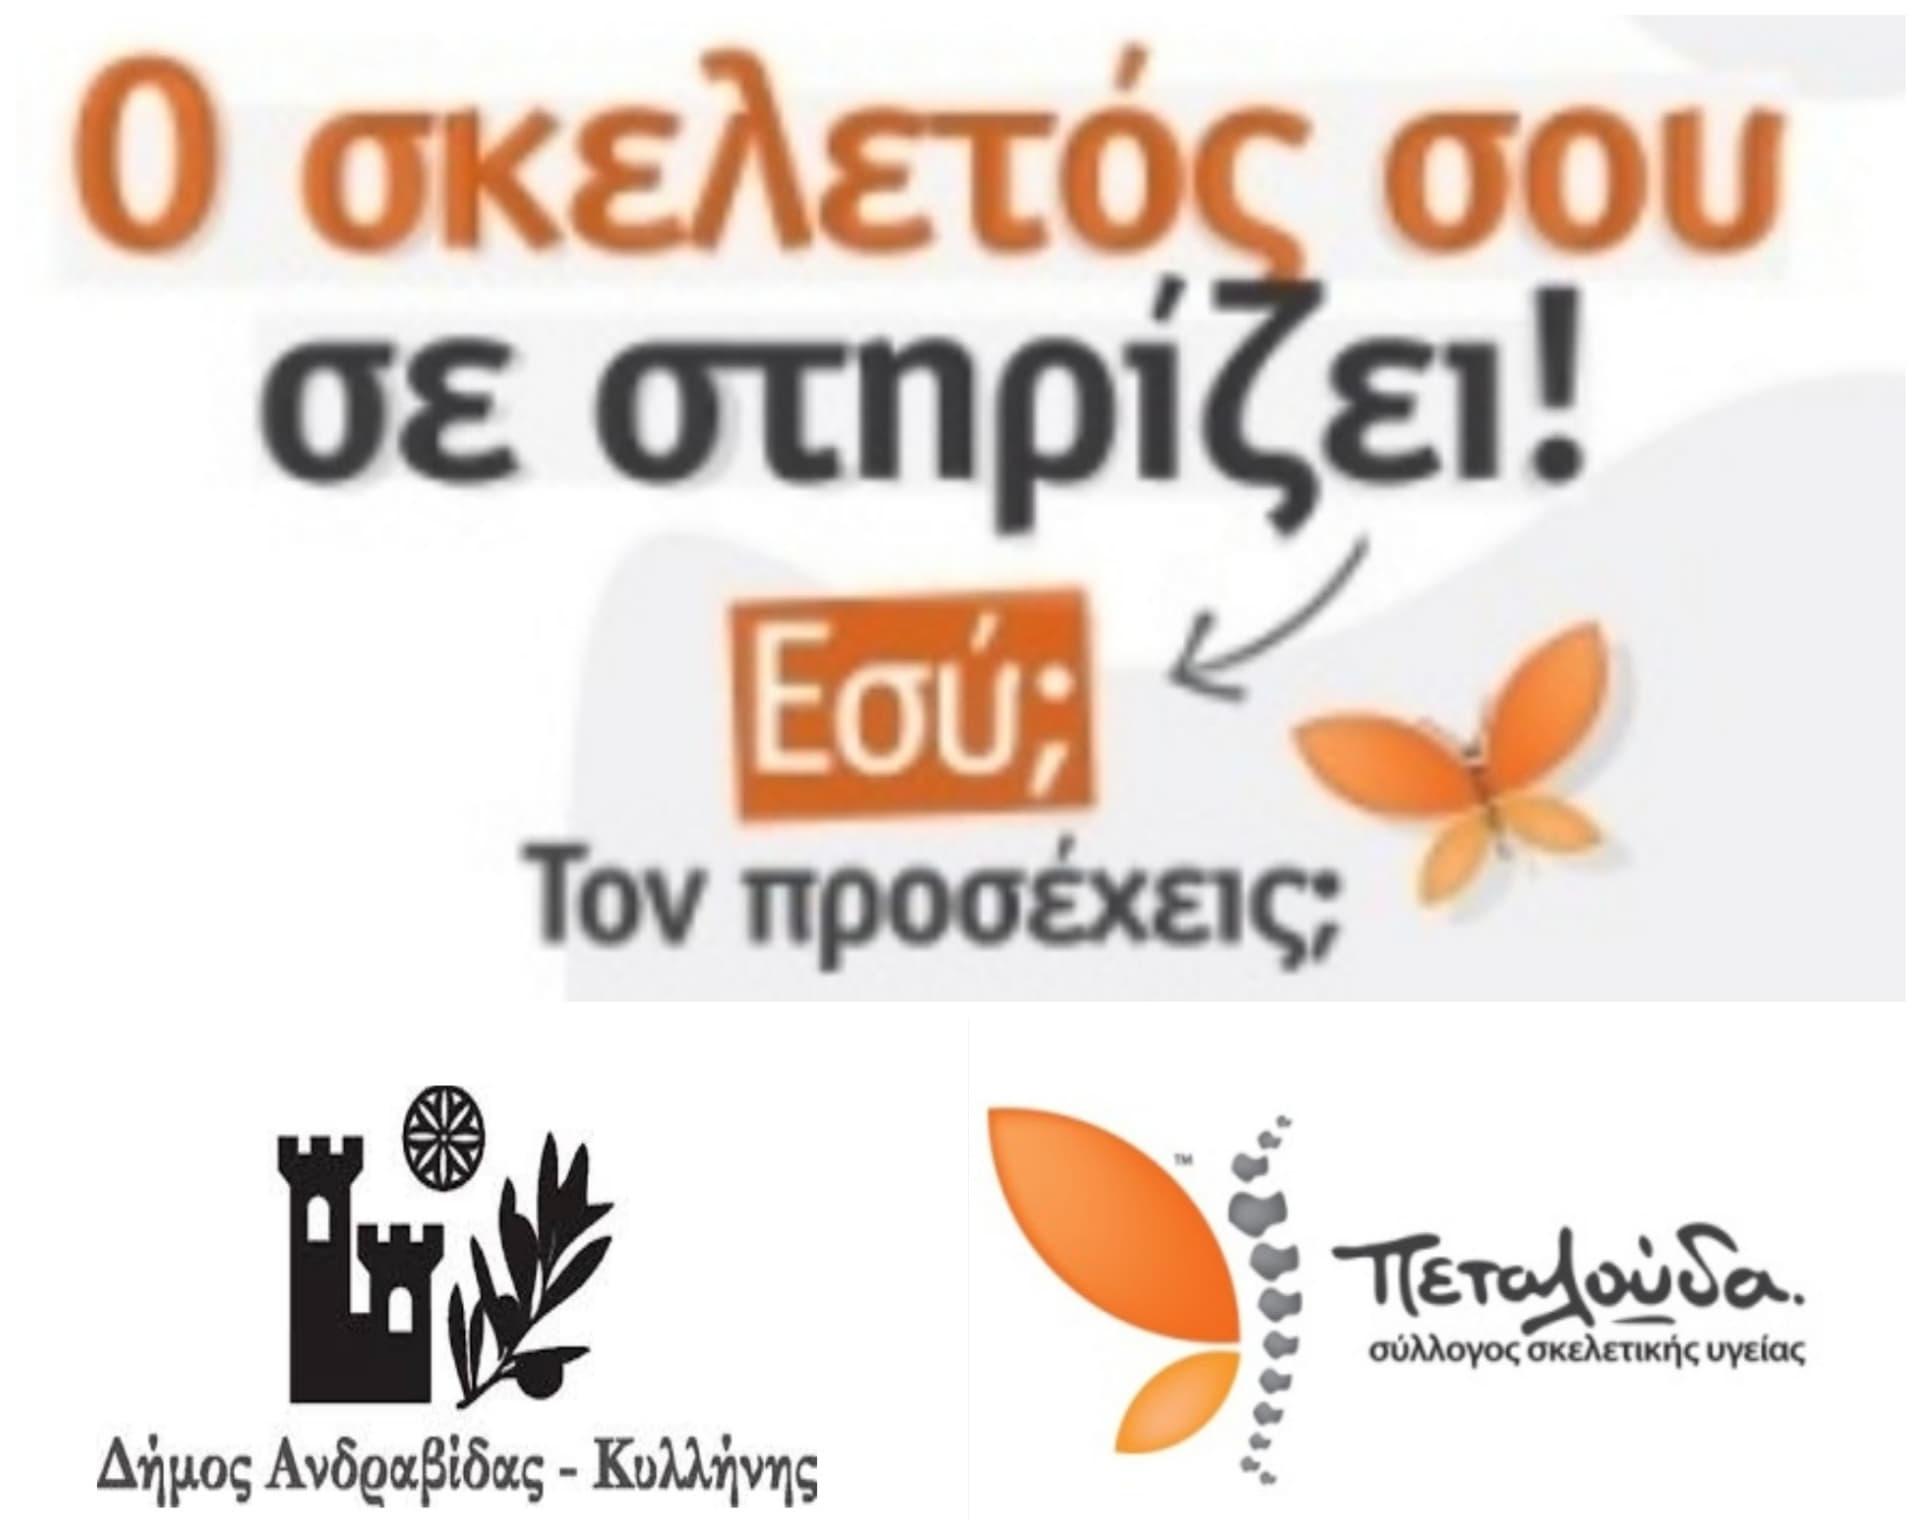 Δήμος Ανδραβίδας Κυλλήνης: Εκδήλωση προληπτικού ελέγχου και ενημέρωσης για την Οστεοπόρωση